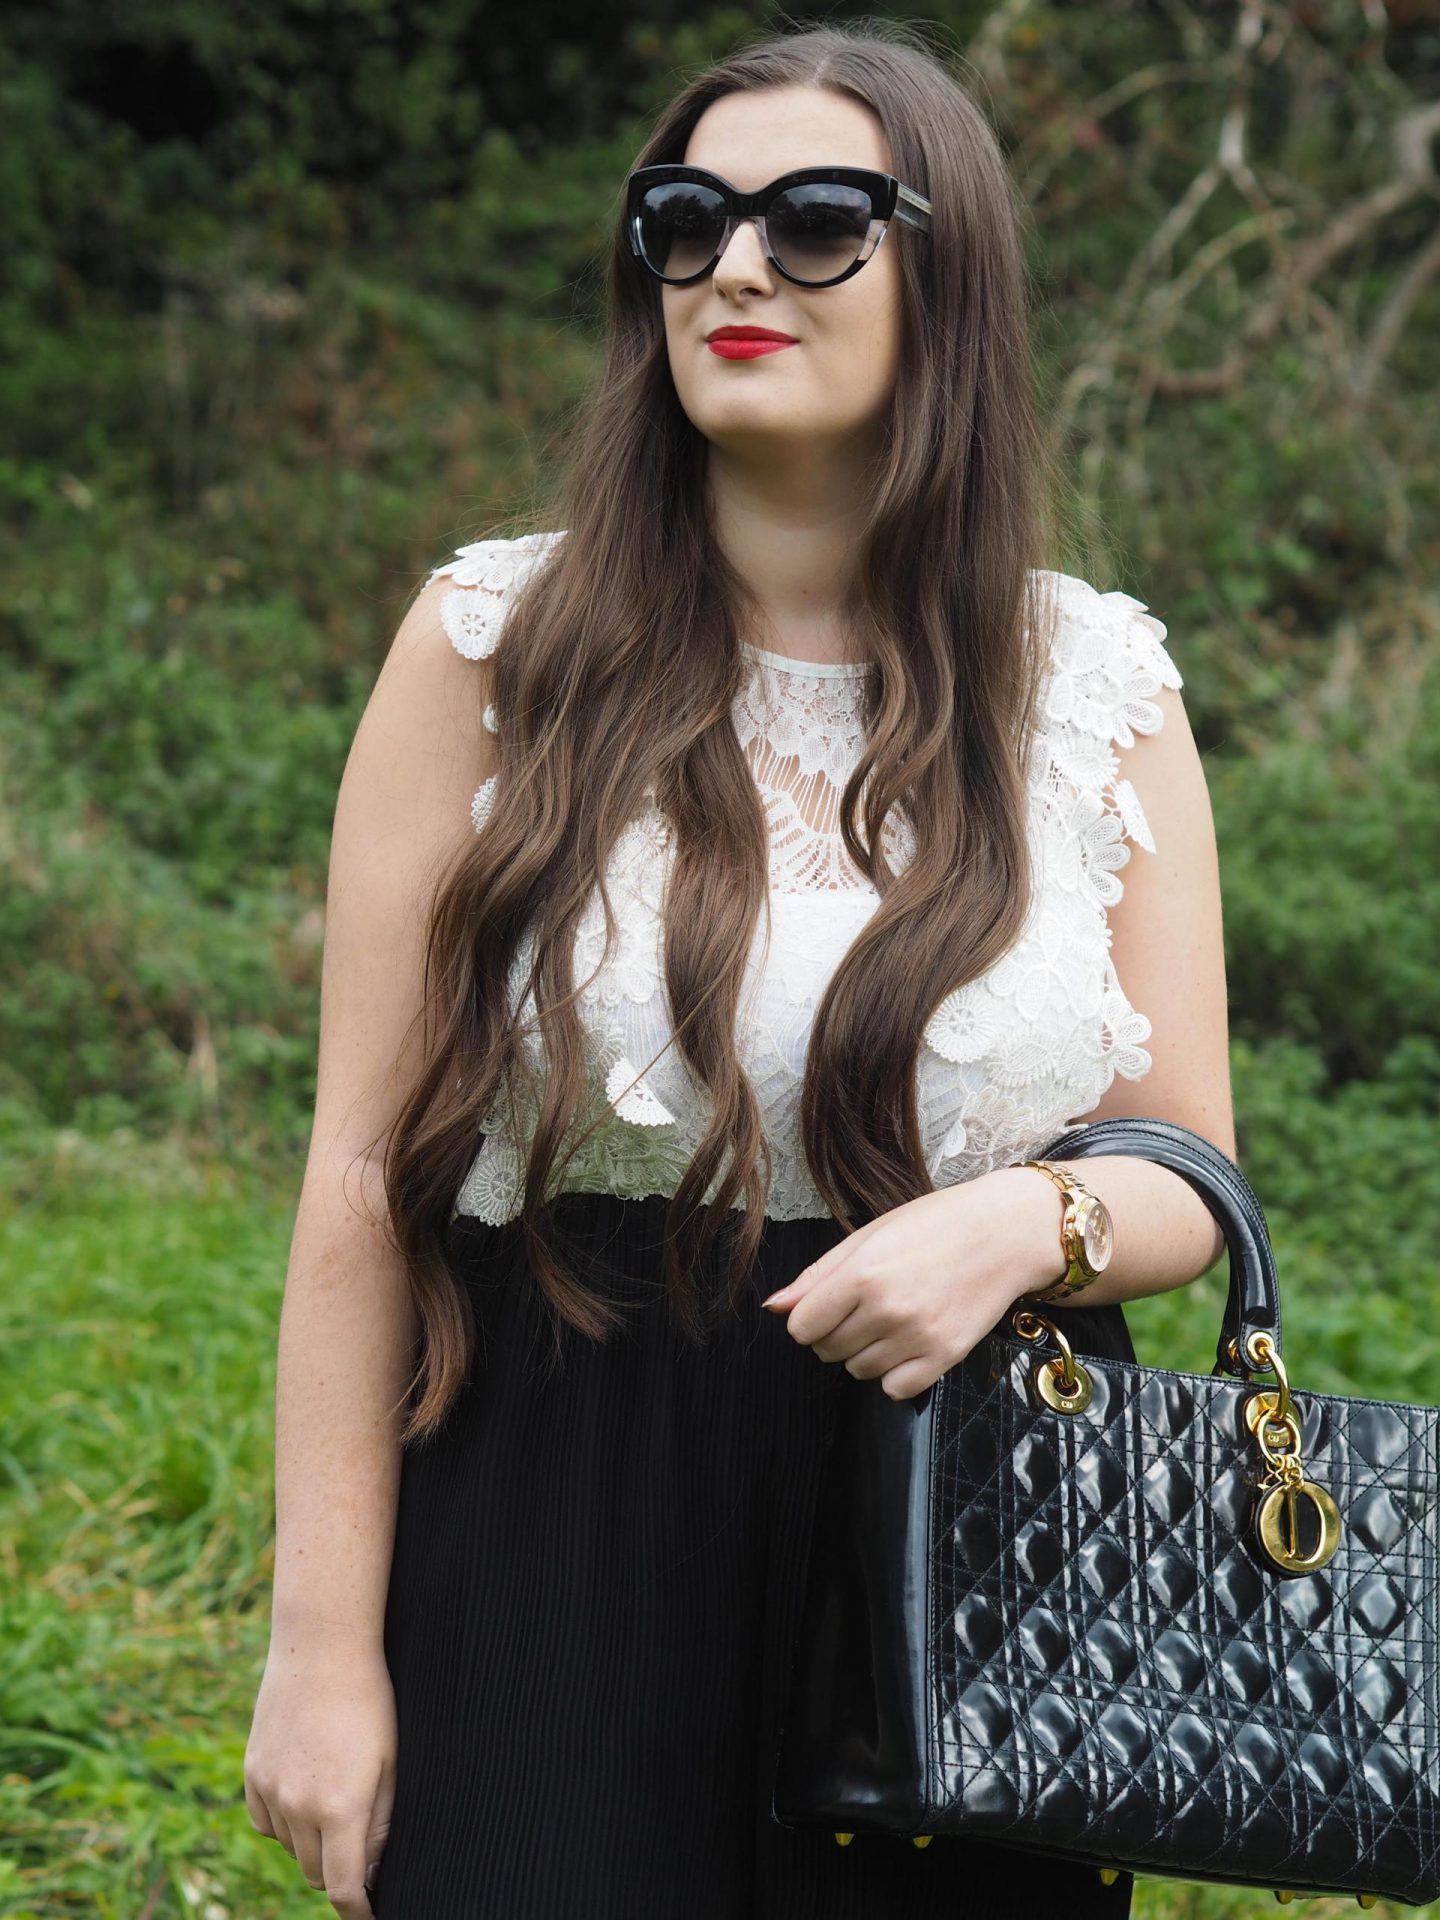 the-delphine-jumpsuit-by-dahlia-rachel-nicole-uk-fashion-blogger-5